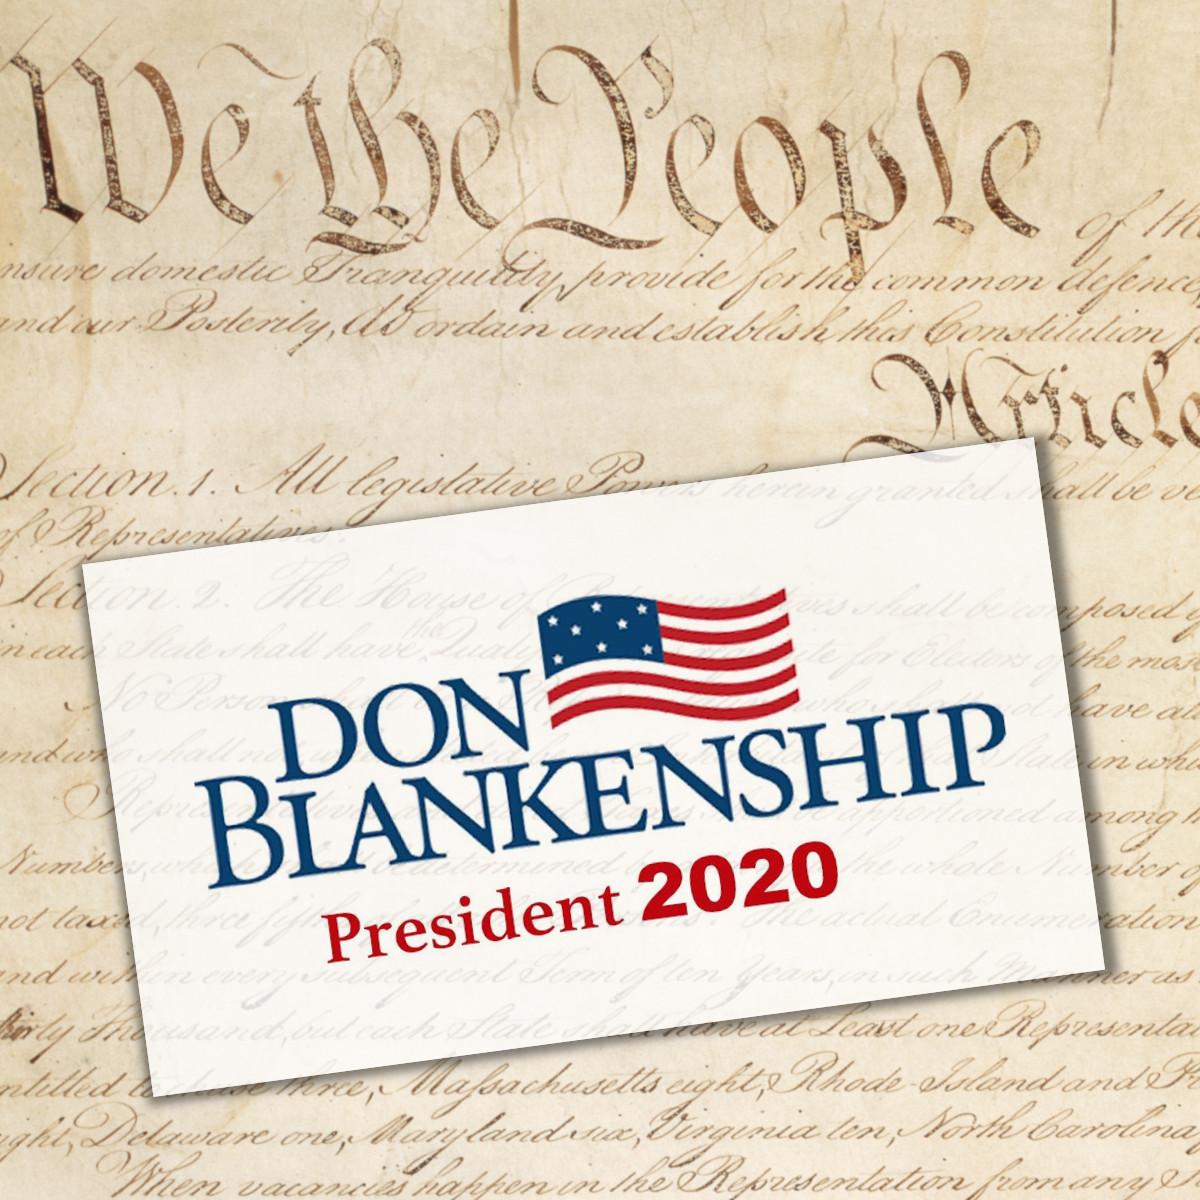 Californians for Blankenship: An Update